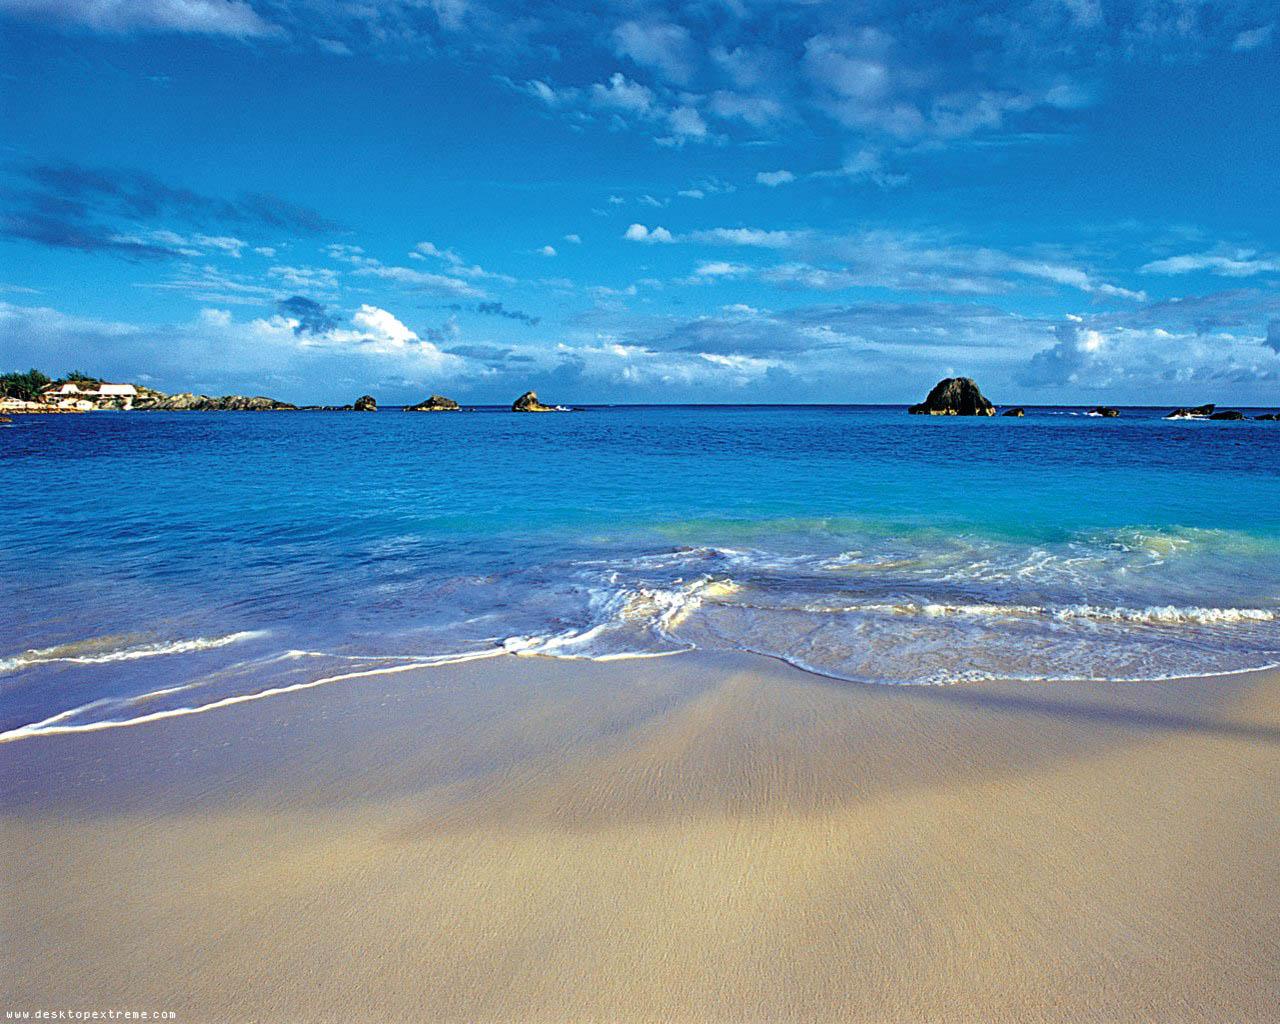 Море 1280 x 1024